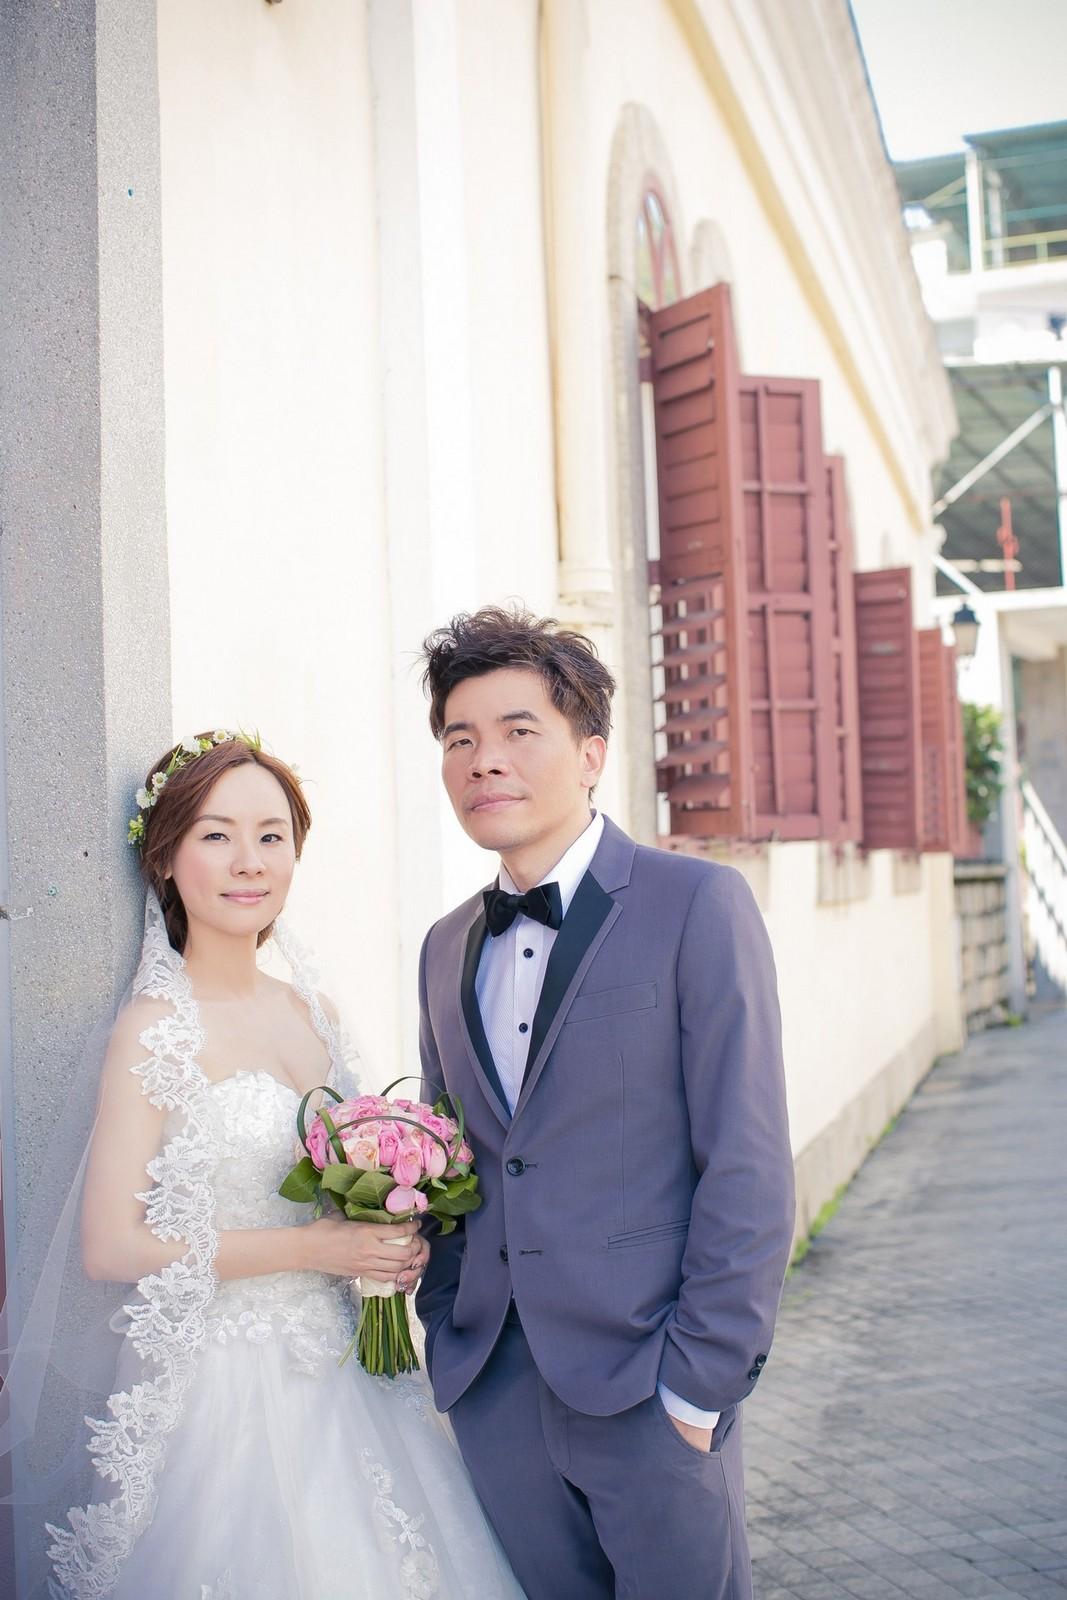 婚紗攝影,旅行婚紗,海外婚紗澳門拍婚紗